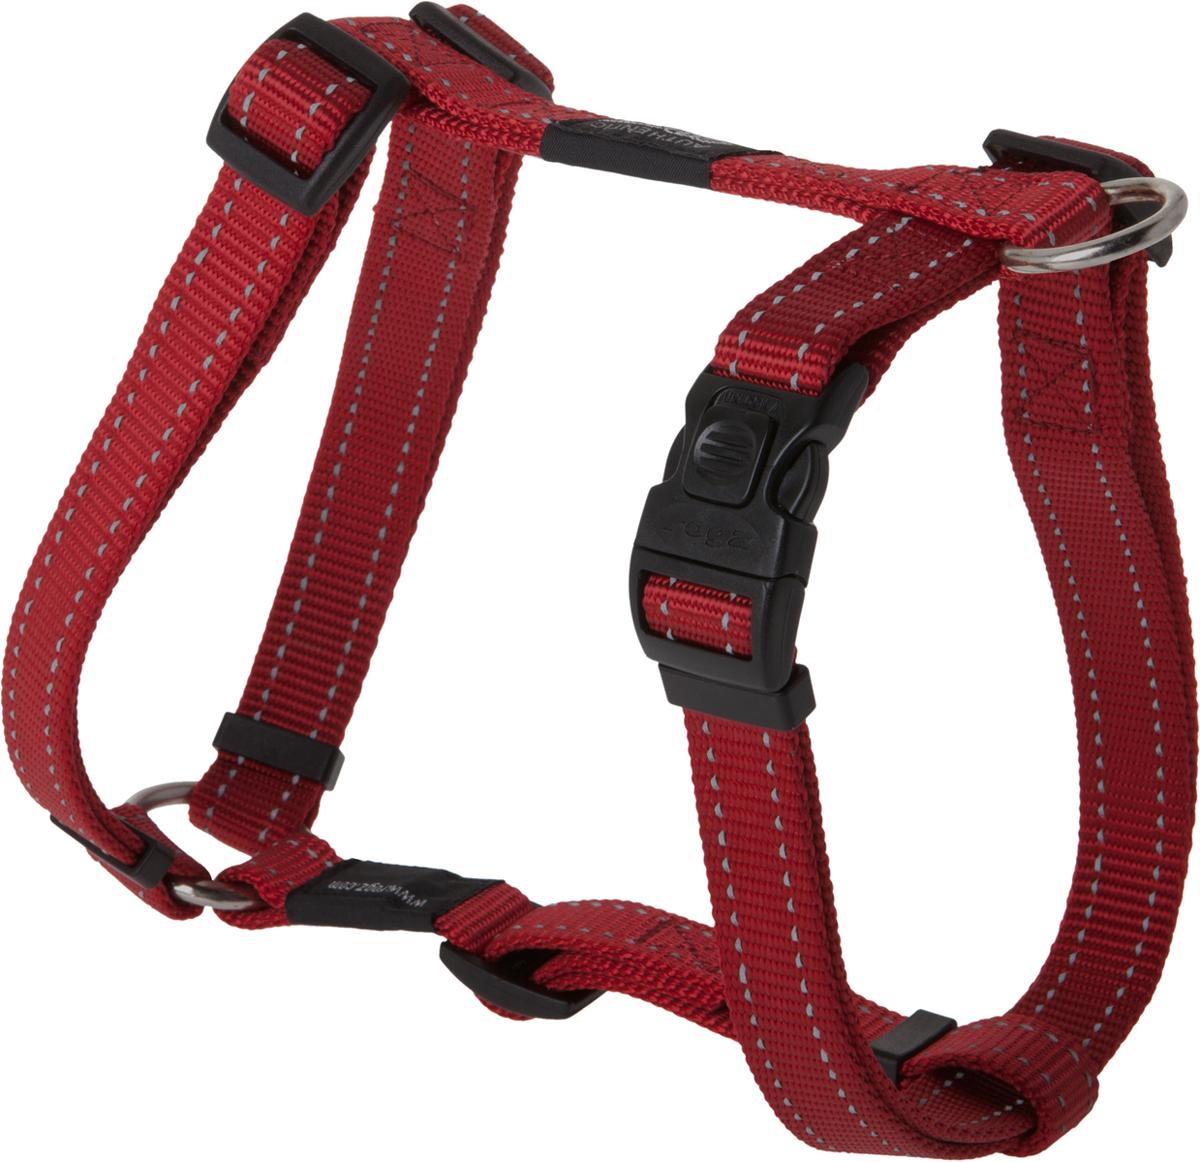 Шлейка для собак Rogz Utility, цвет: красный, ширина 2 см. Размер LSJ06CШлейка для собак Rogz Utility со светоотражающей нитью, вплетенной в нейлоновую ленту, обеспечивает лучшую видимость собаки в темное время суток. Специальная конструкция пряжки Rog Loc - очень крепкая (система Fort Knox). Замок может быть расстегнут только рукой человека. Технология распределения нагрузки позволяет снизить нагрузку на пряжки, изготовленные из титанового пластика, с помощью правильного и разумного расположения грузовых колец, благодаря чему, даже при самых сильных рывках, изделие не рвется и не деформируется.Выполненные специально по заказу ROGZ литые кольца гальванически хромированы, что позволяет избежать коррозии и потускнения изделия. Рекомендуемые породы, для которых подходит шлейка: далматин, спаниель, доберман, боксер. Обхват груди собаки: 45-75 см. Обхват шеи собаки: 34-56 см.